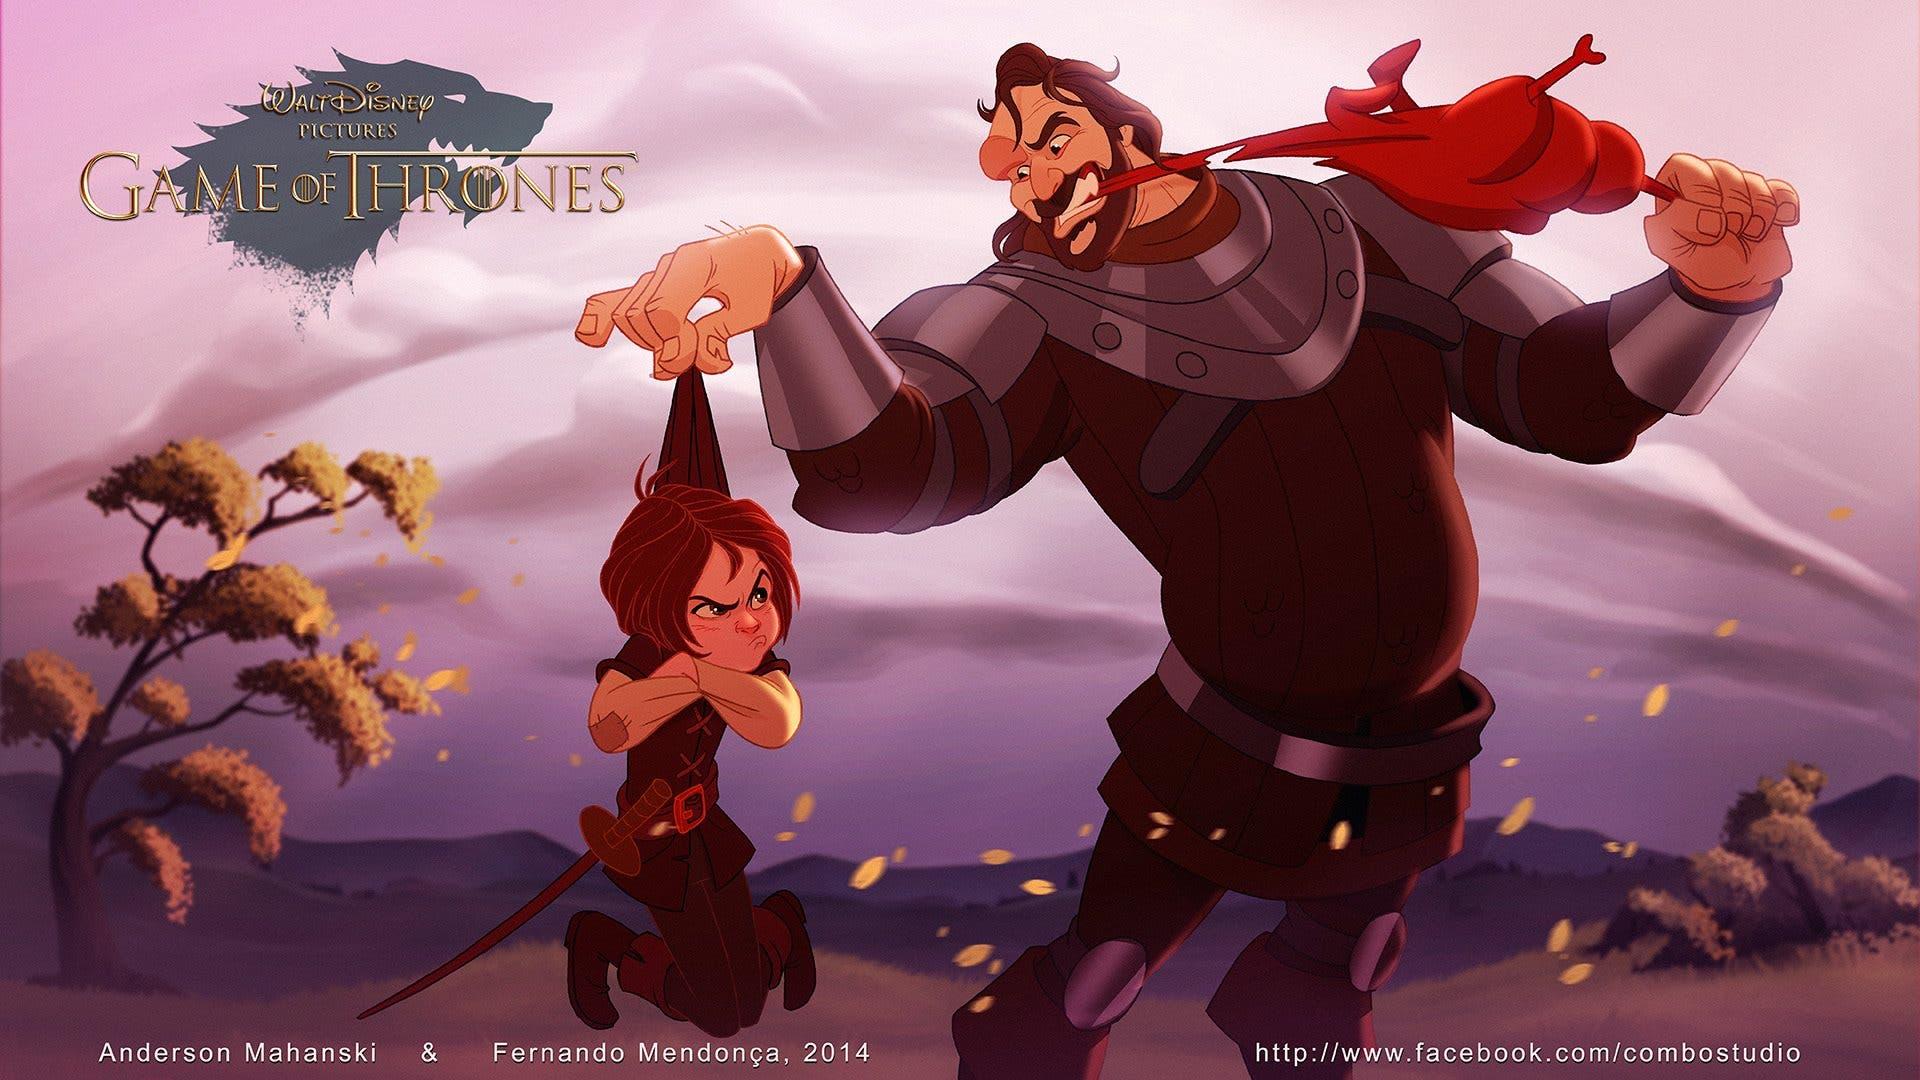 Sandor Clegane (Perro) y Arya Stark versión Disney de Juego de Tronos. Por Fernando Mendonça y Anderson Mahanski